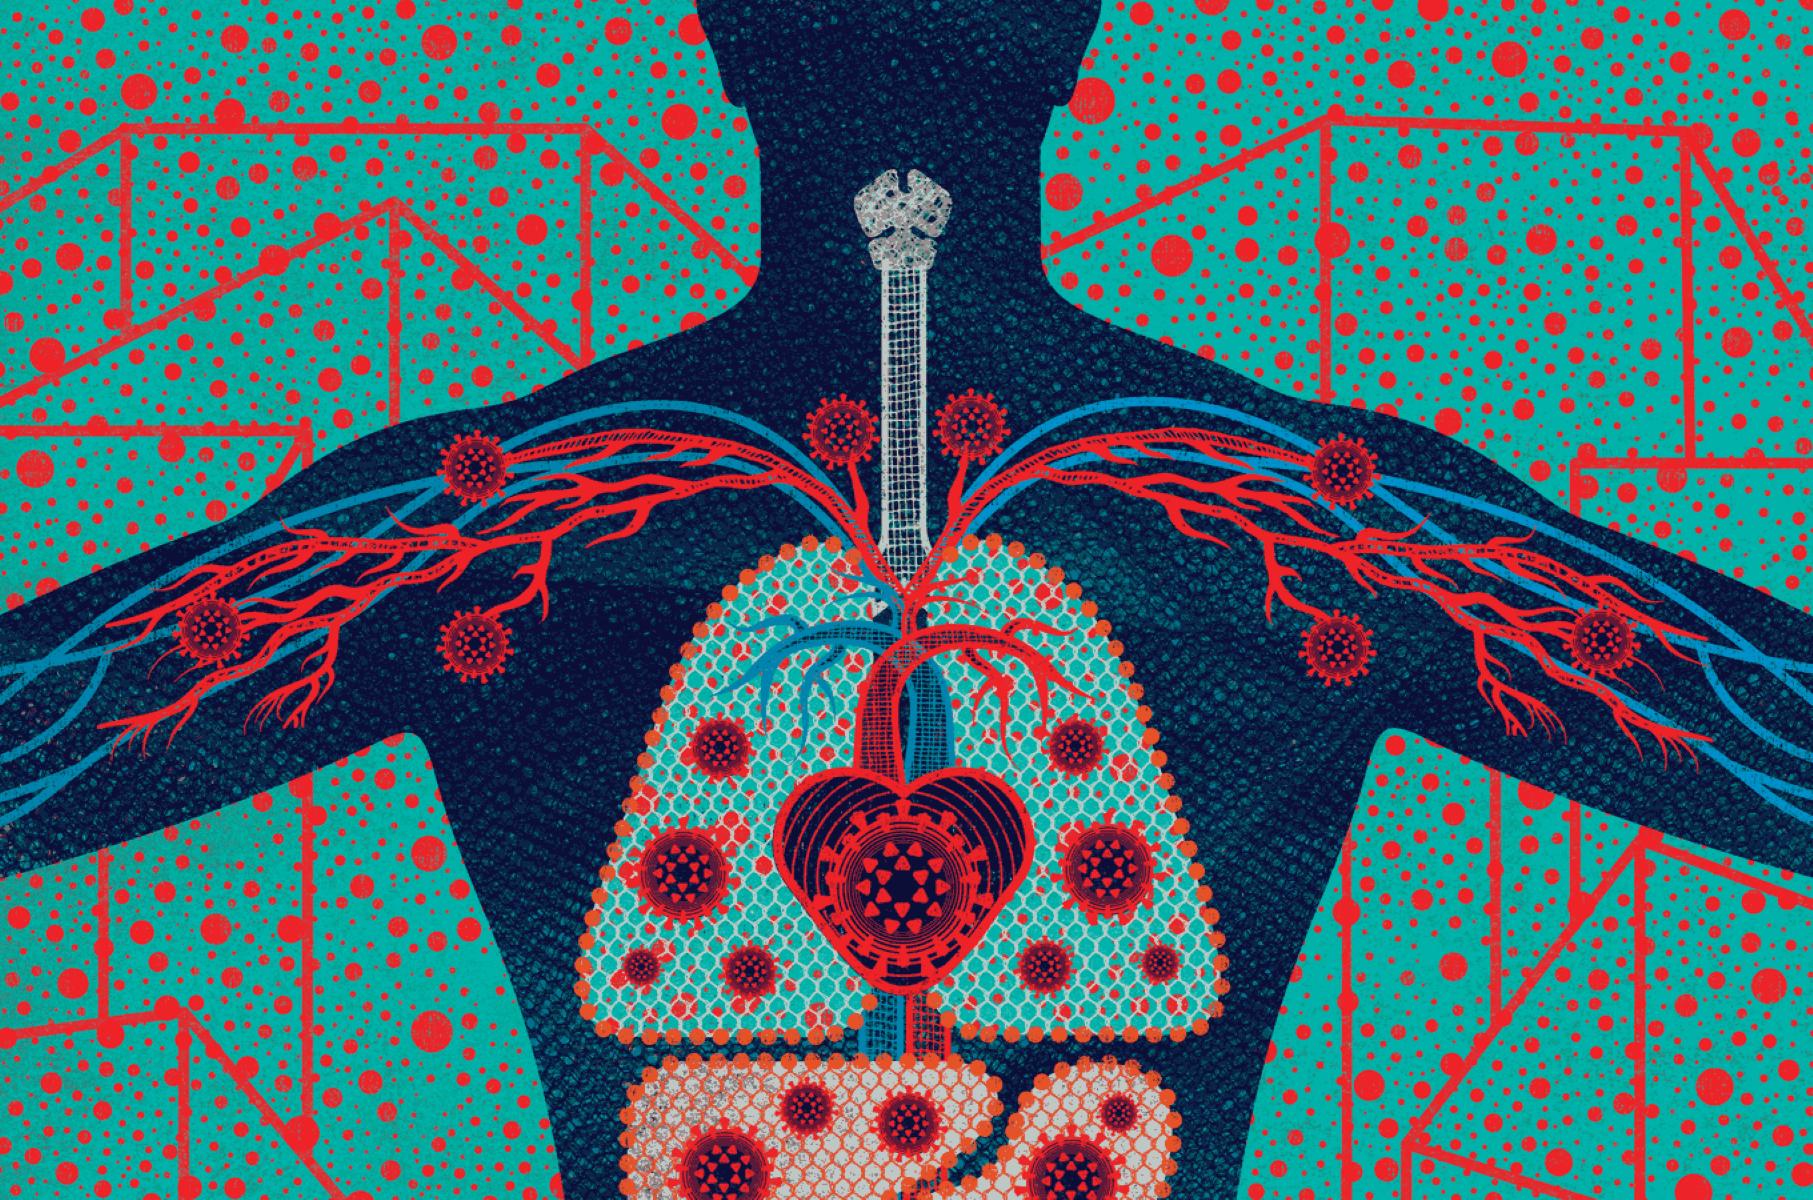 Αναπνευστικό Σύστημα και Νεοπλασματικές νόσοι οι «πρωταθλητές»